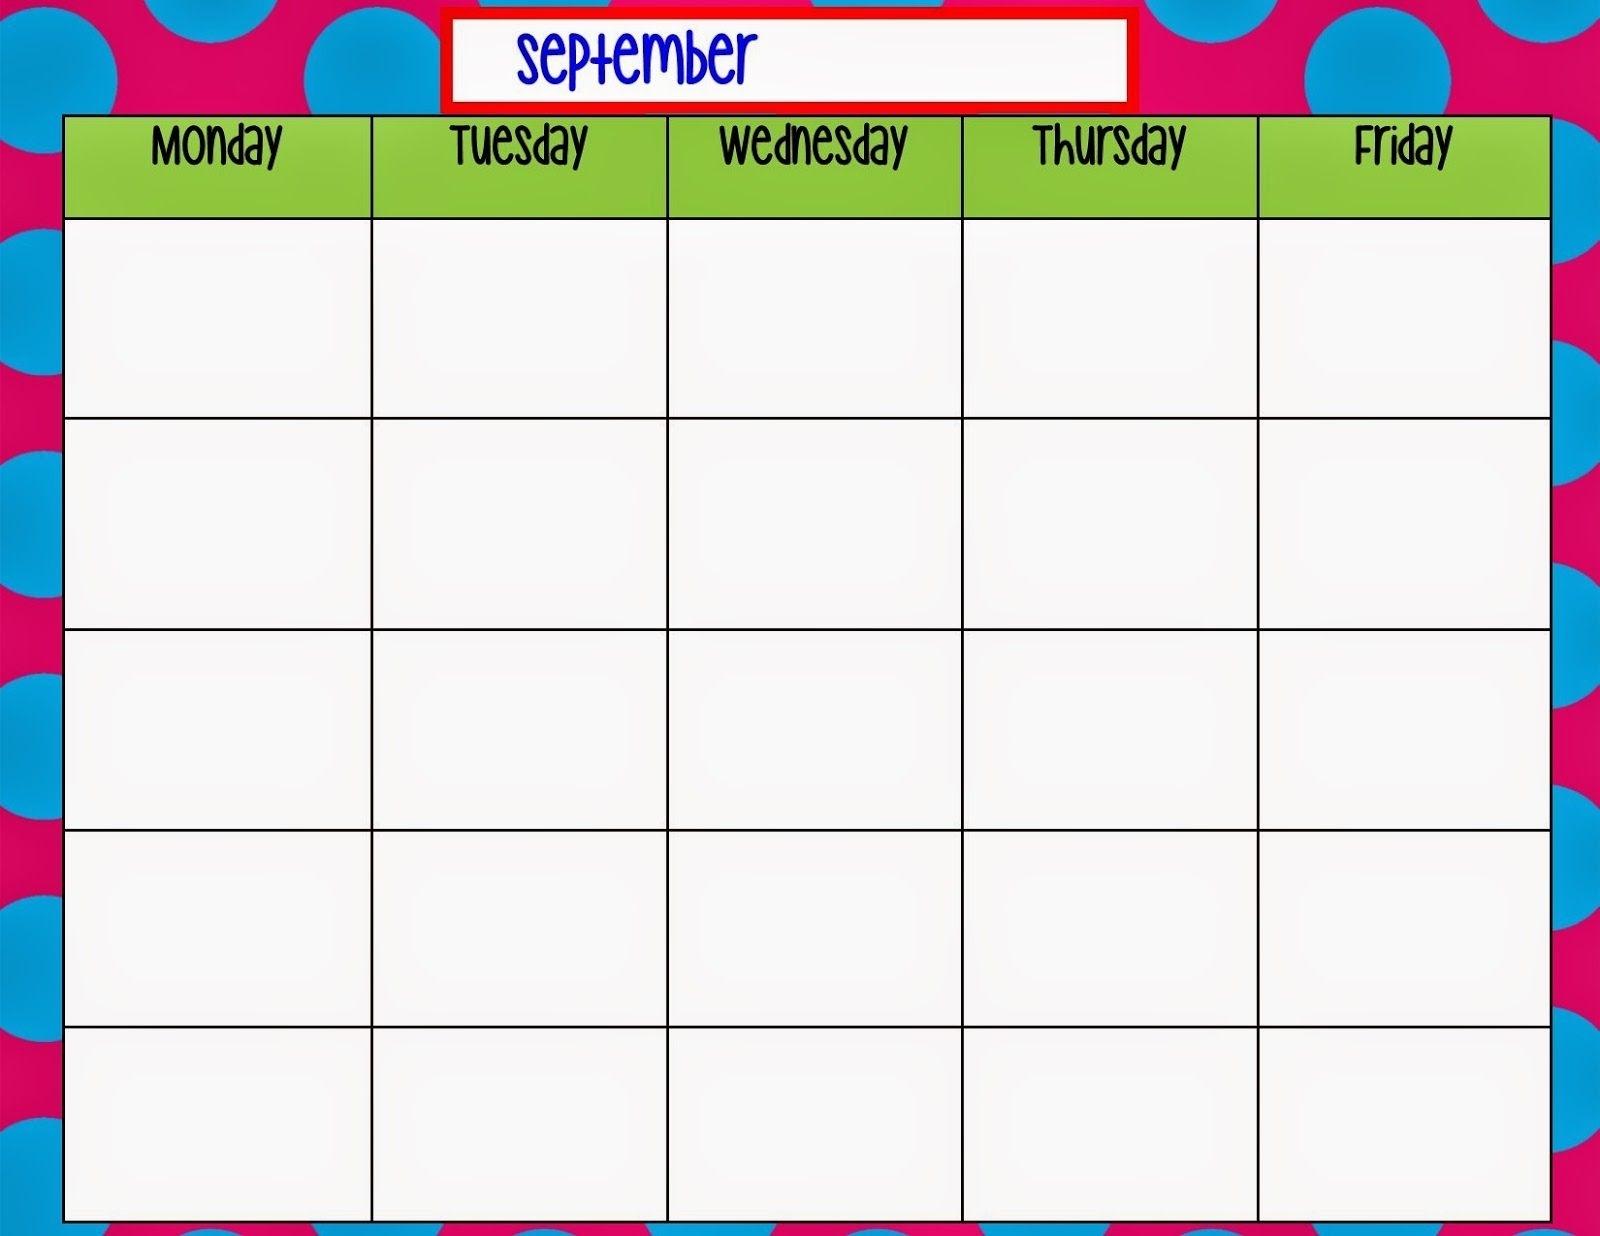 Monday Through Friday Weekly Calendar  Calendar intended for Free Monday Through Friday Calendar